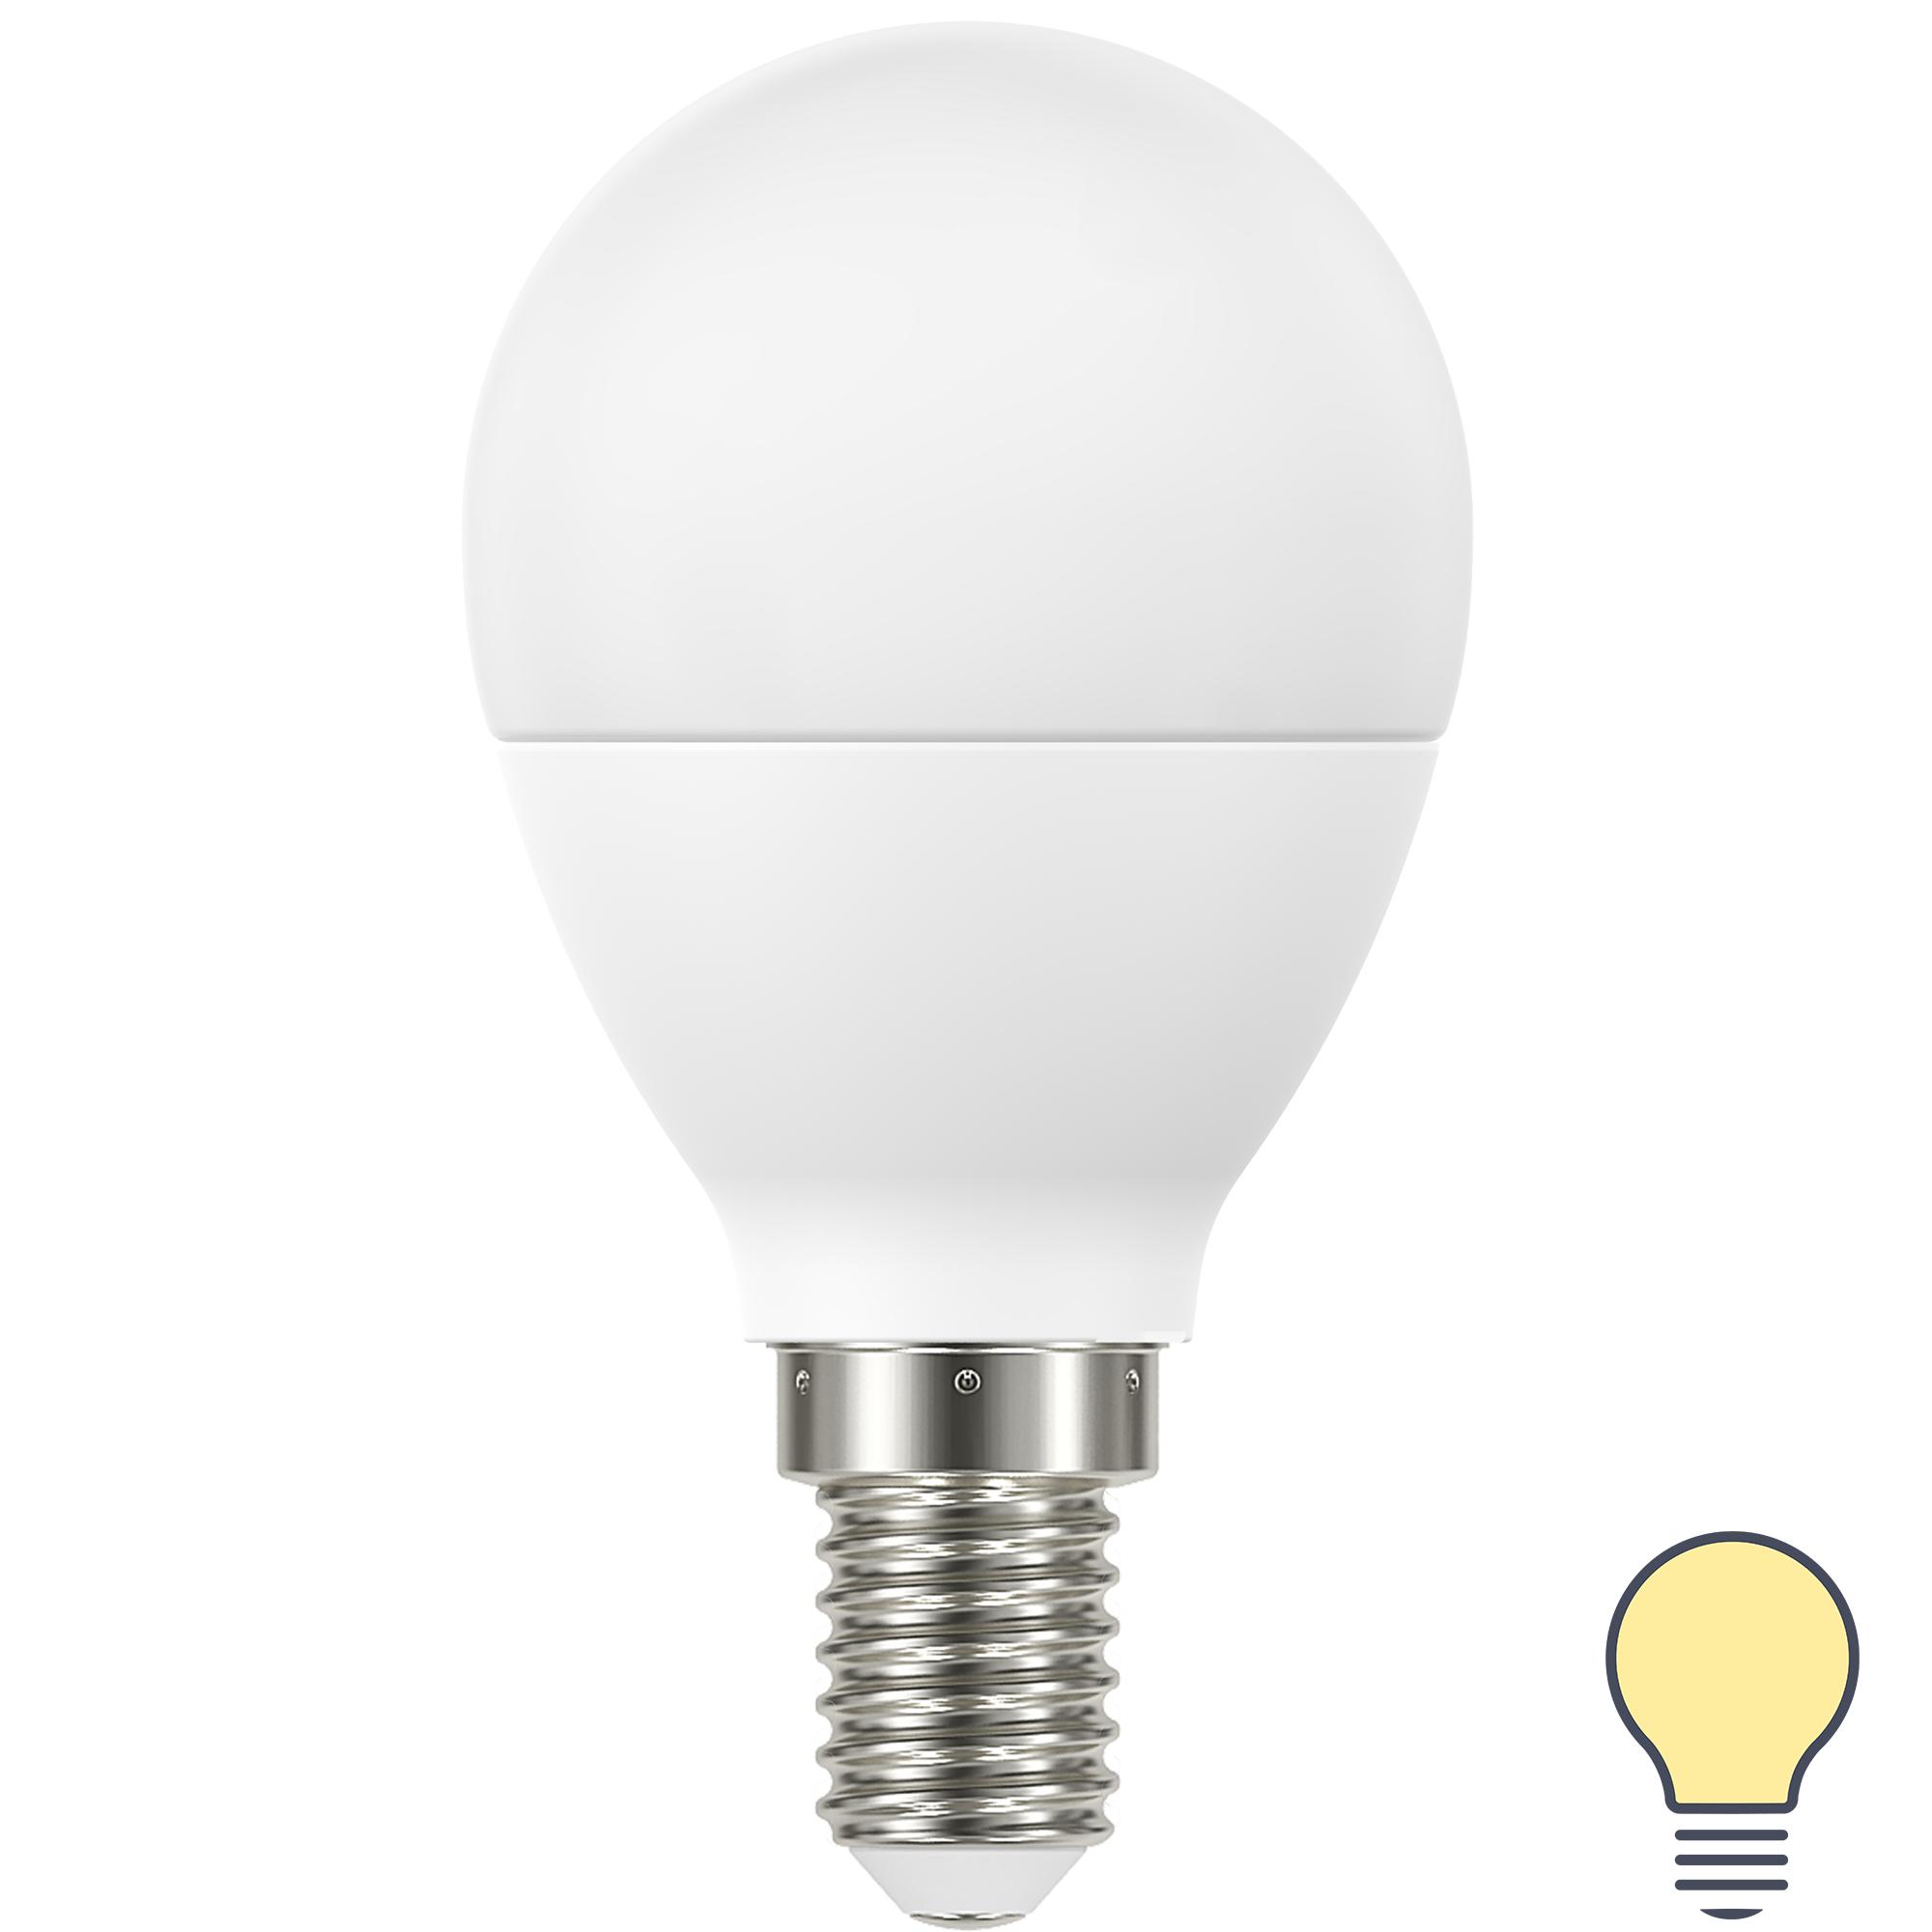 Лампа светодиодная Lexman E14 220 В 6.6 Вт сфера матовая 806 лм тёплый белый свет